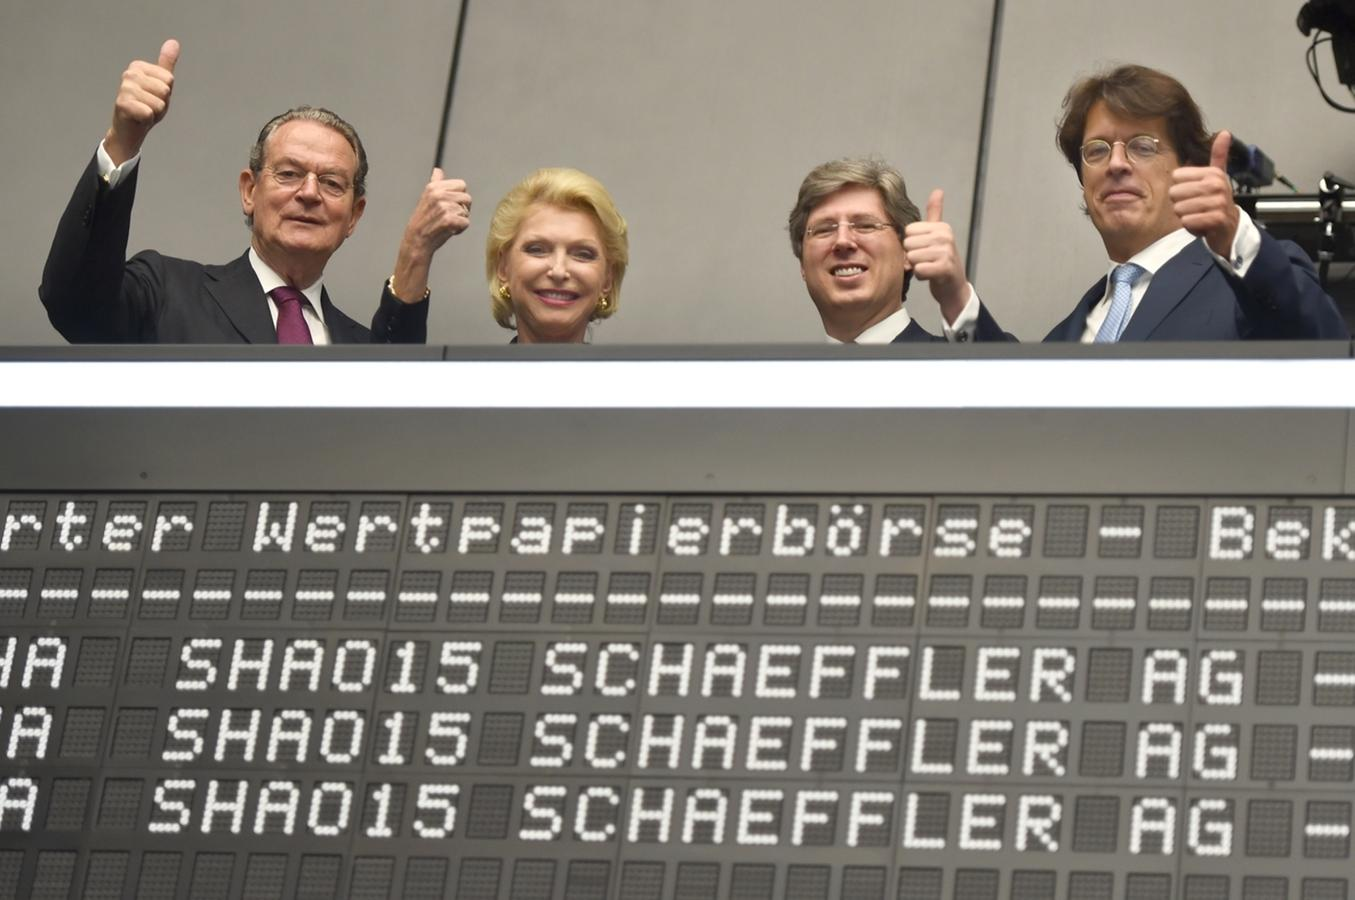 Schaeffler Mdax